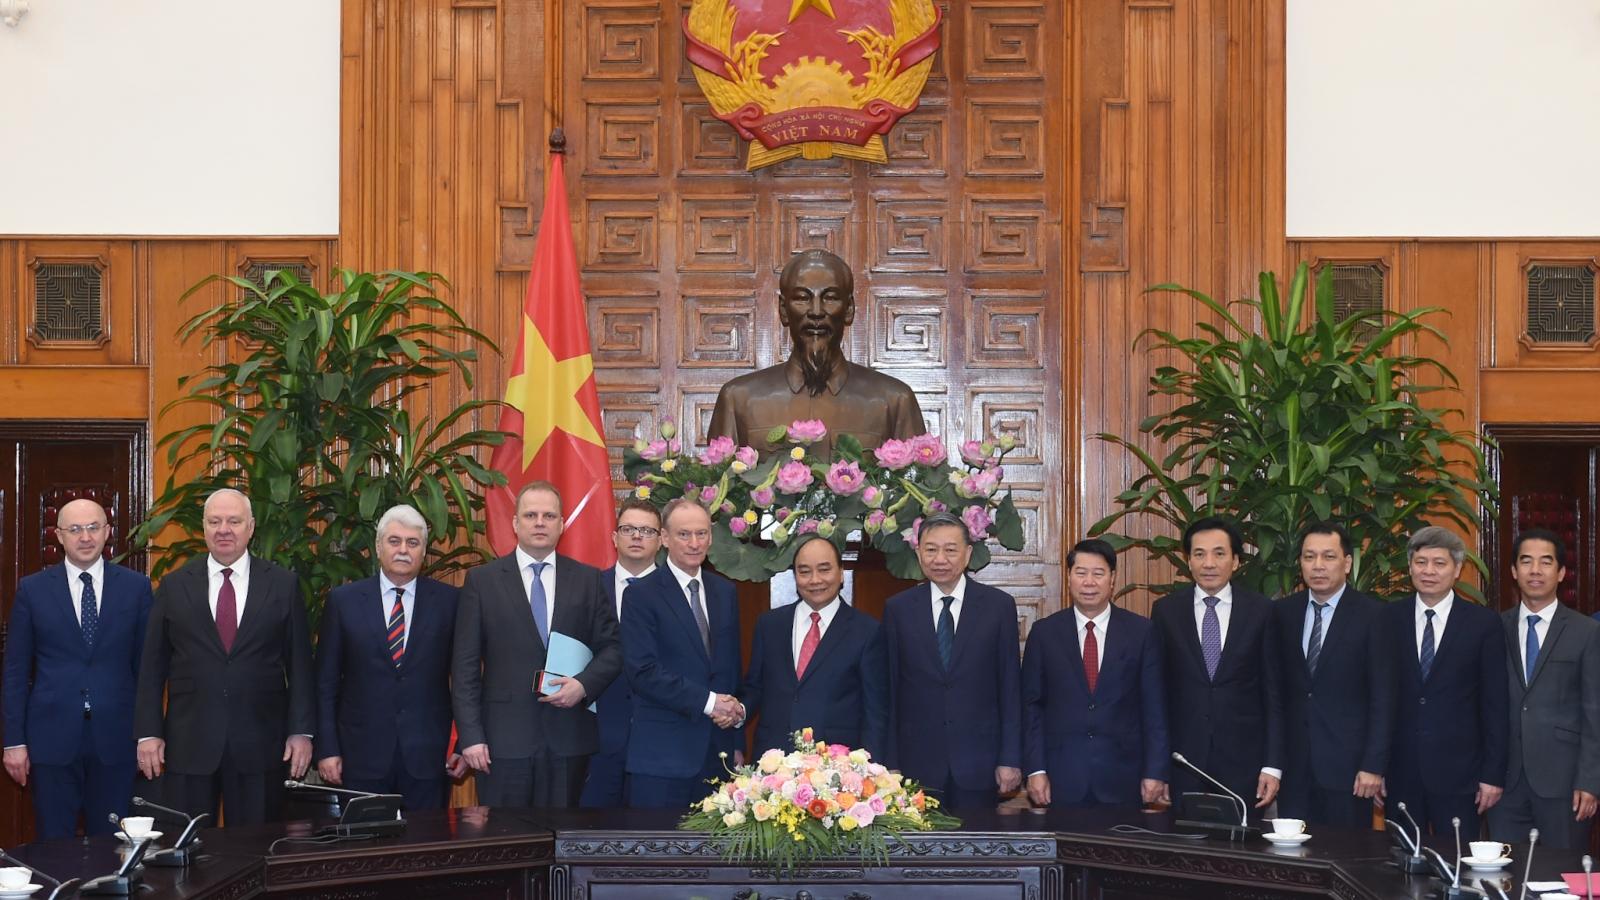 Thủ tướng Nguyễn Xuân Phúc tiếp Thư ký Hội đồng an ninh quốc gia Nga